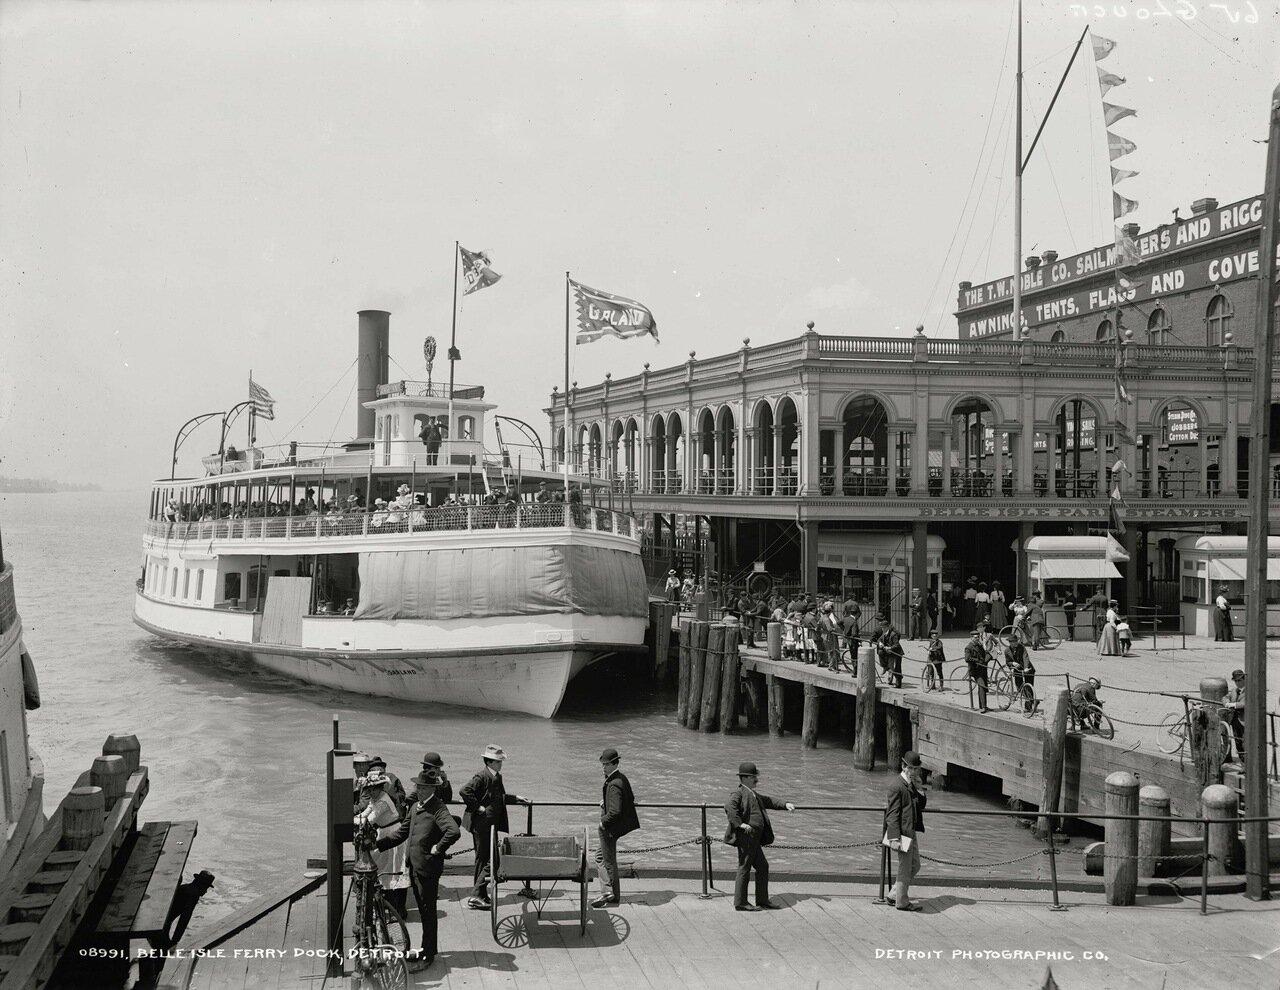 Причал парома на Бель-Иль, Детройт, примерно 1900-06 гг.